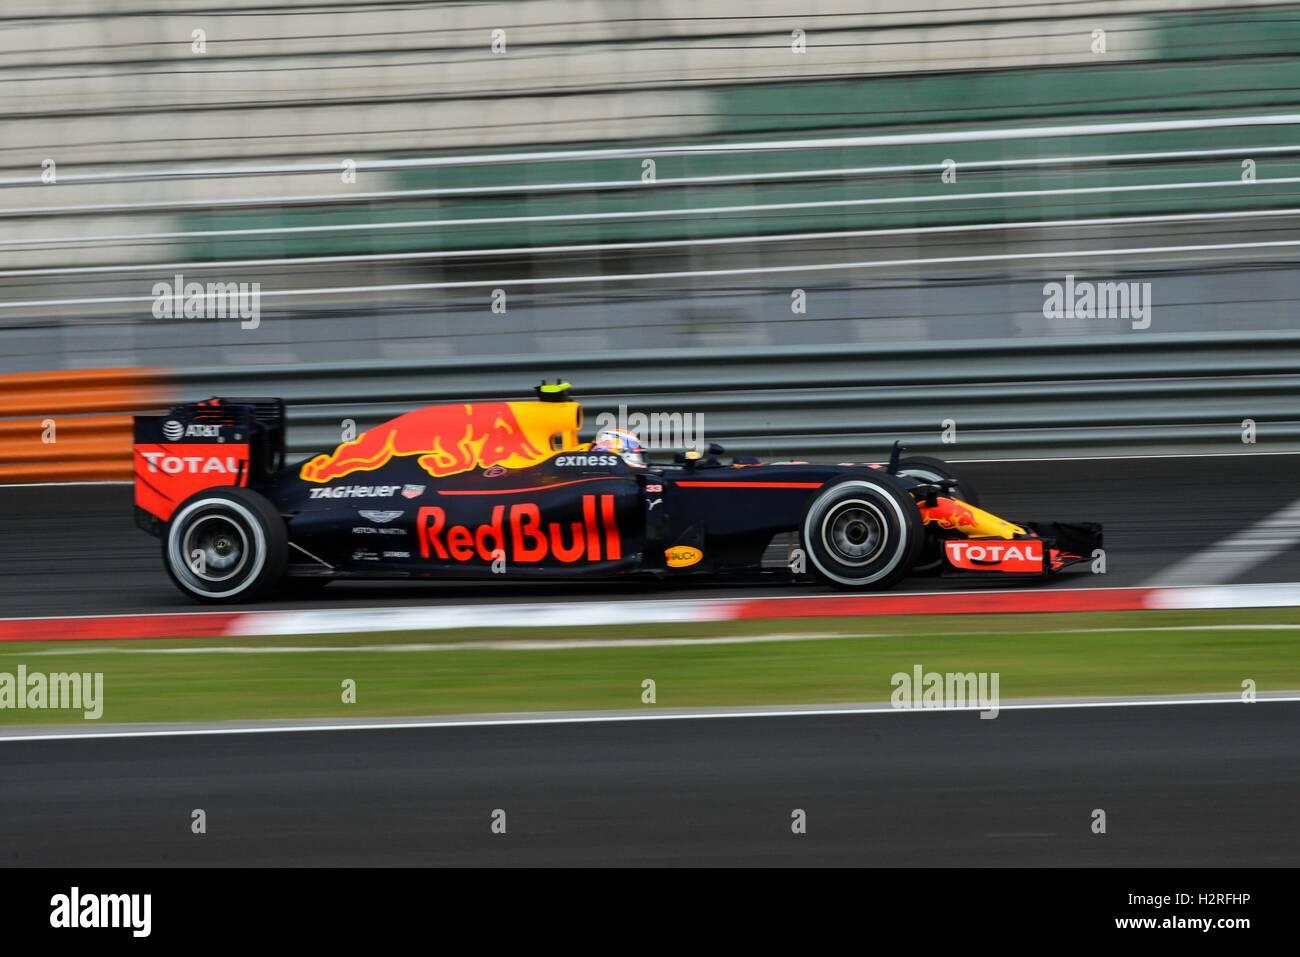 Sepang, Malasia. 1 Oct, 2016. Red Bull Racing del conductor Max Verstappen unidades durante la sesión de calificación Imagen De Stock